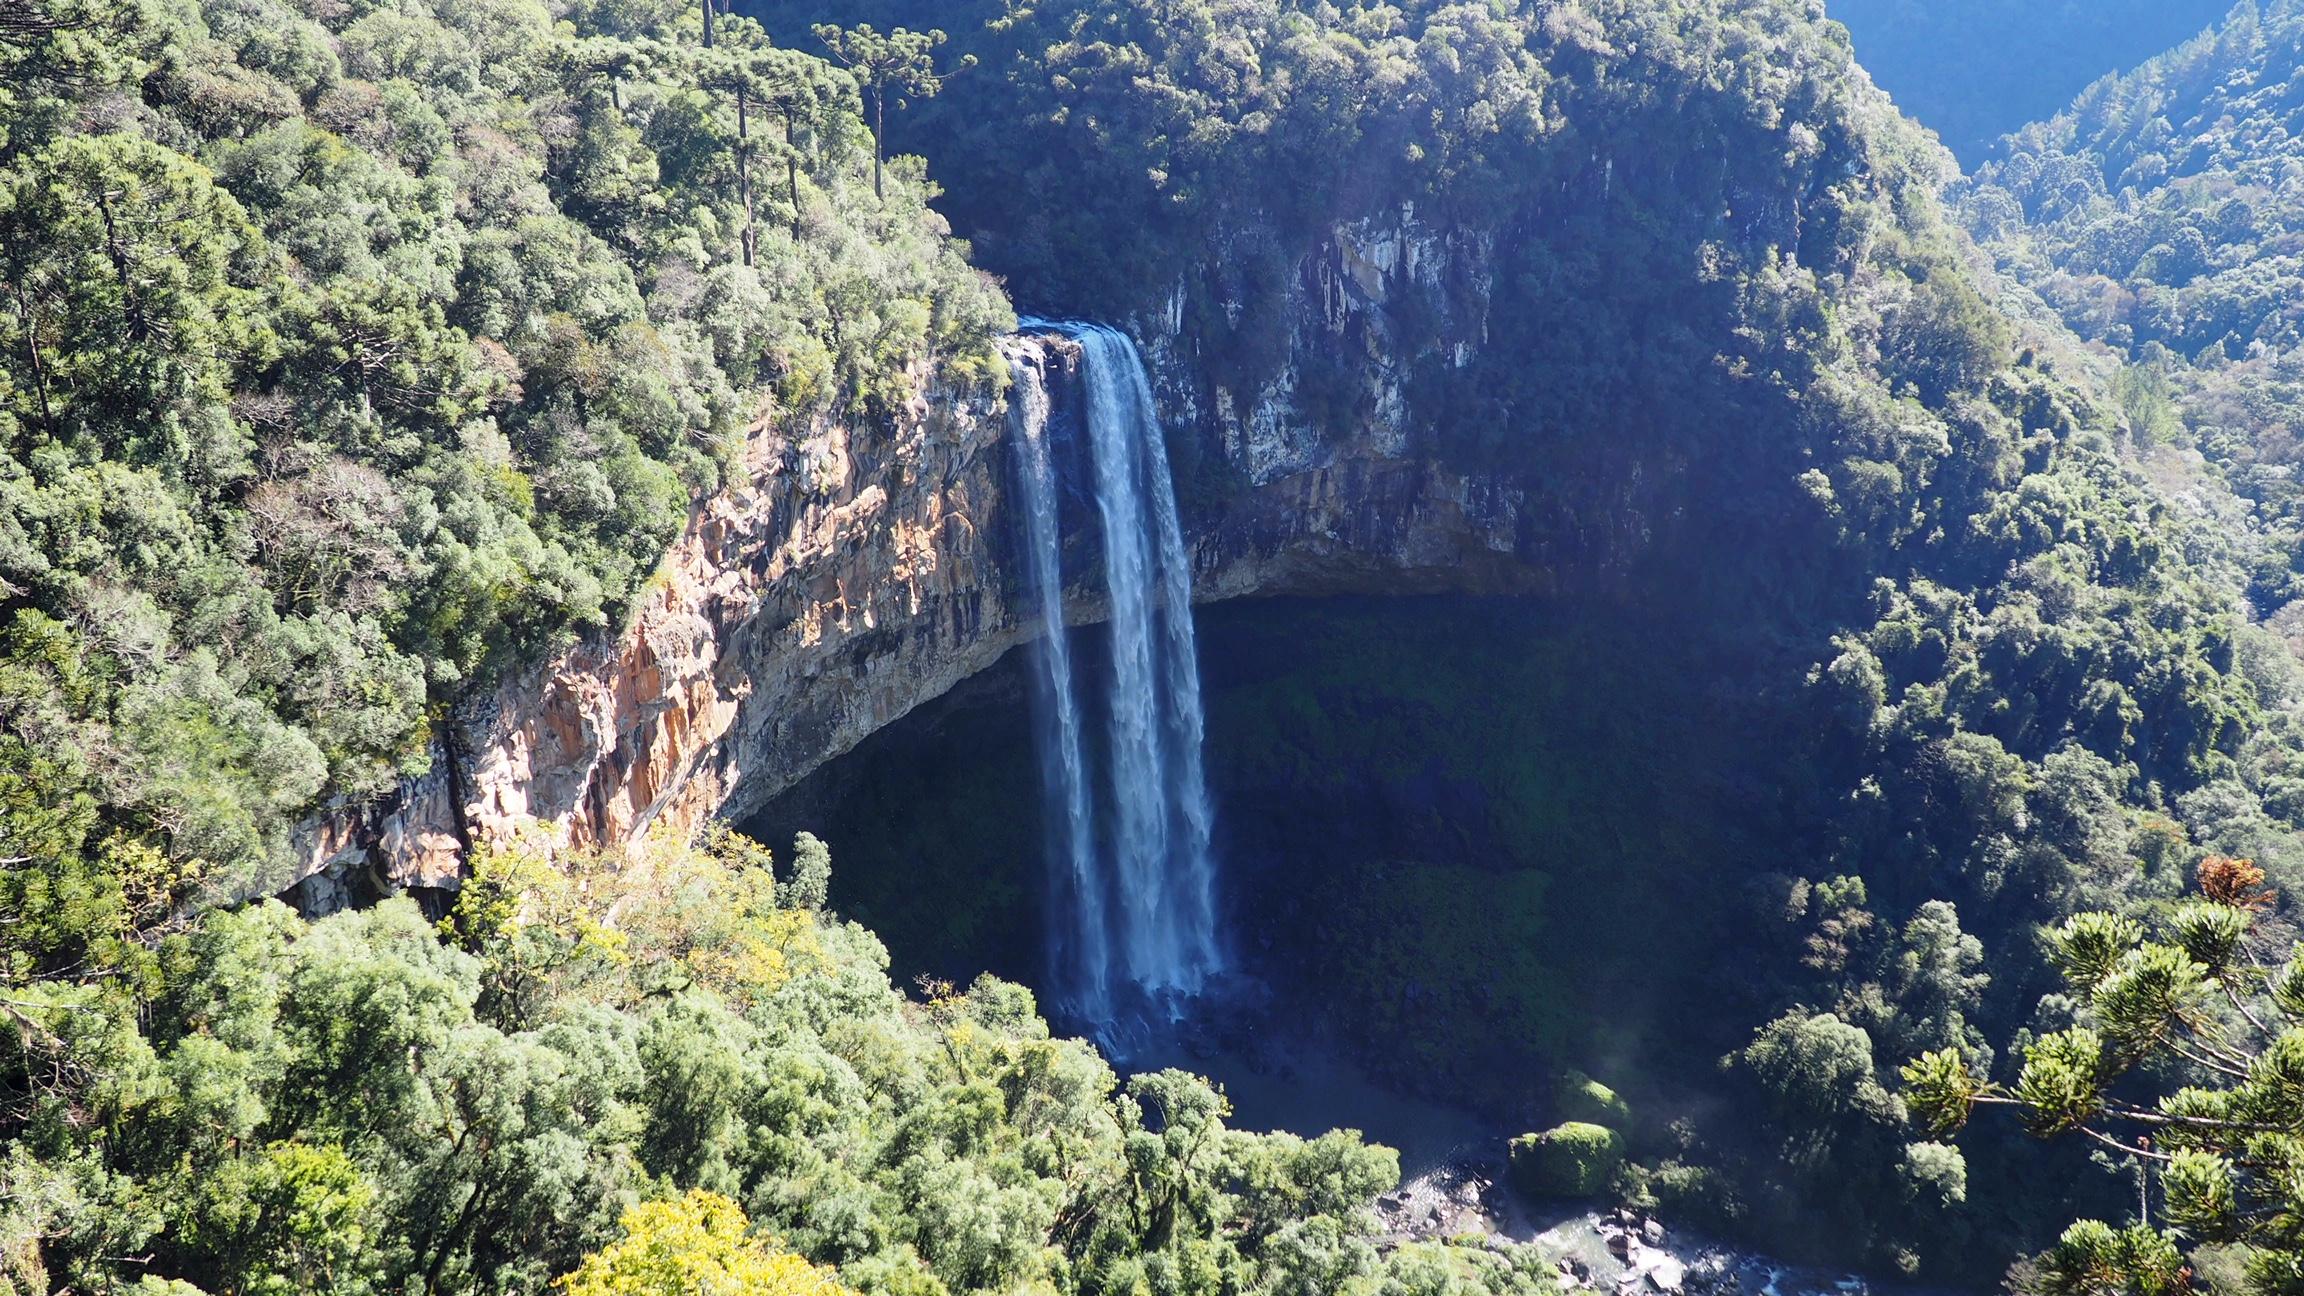 La Cascada del Caracol, en los alrededores de Gramado. Una de las cosas que visitar en Gramado y alrededores